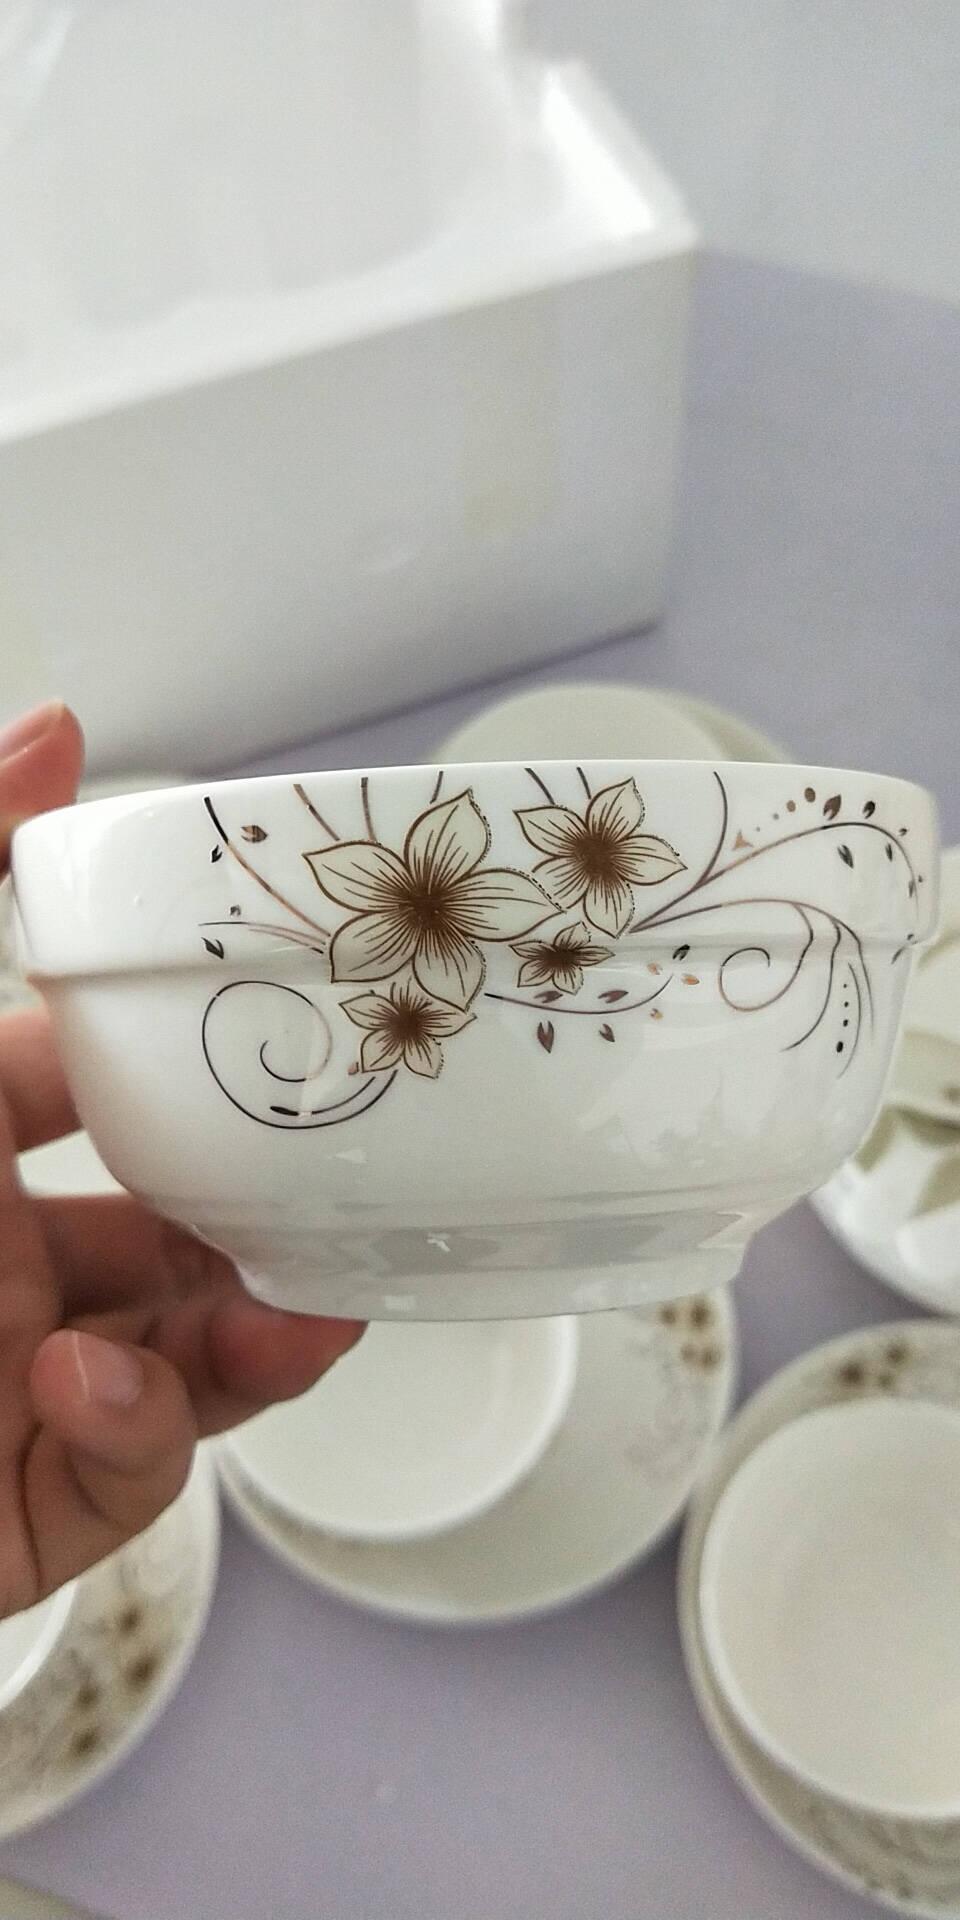 瓷魂餐具套装陶瓷碗碟套装20头简约盘子碗具手提彩盒家用中式礼盒包装公司采购送礼年华